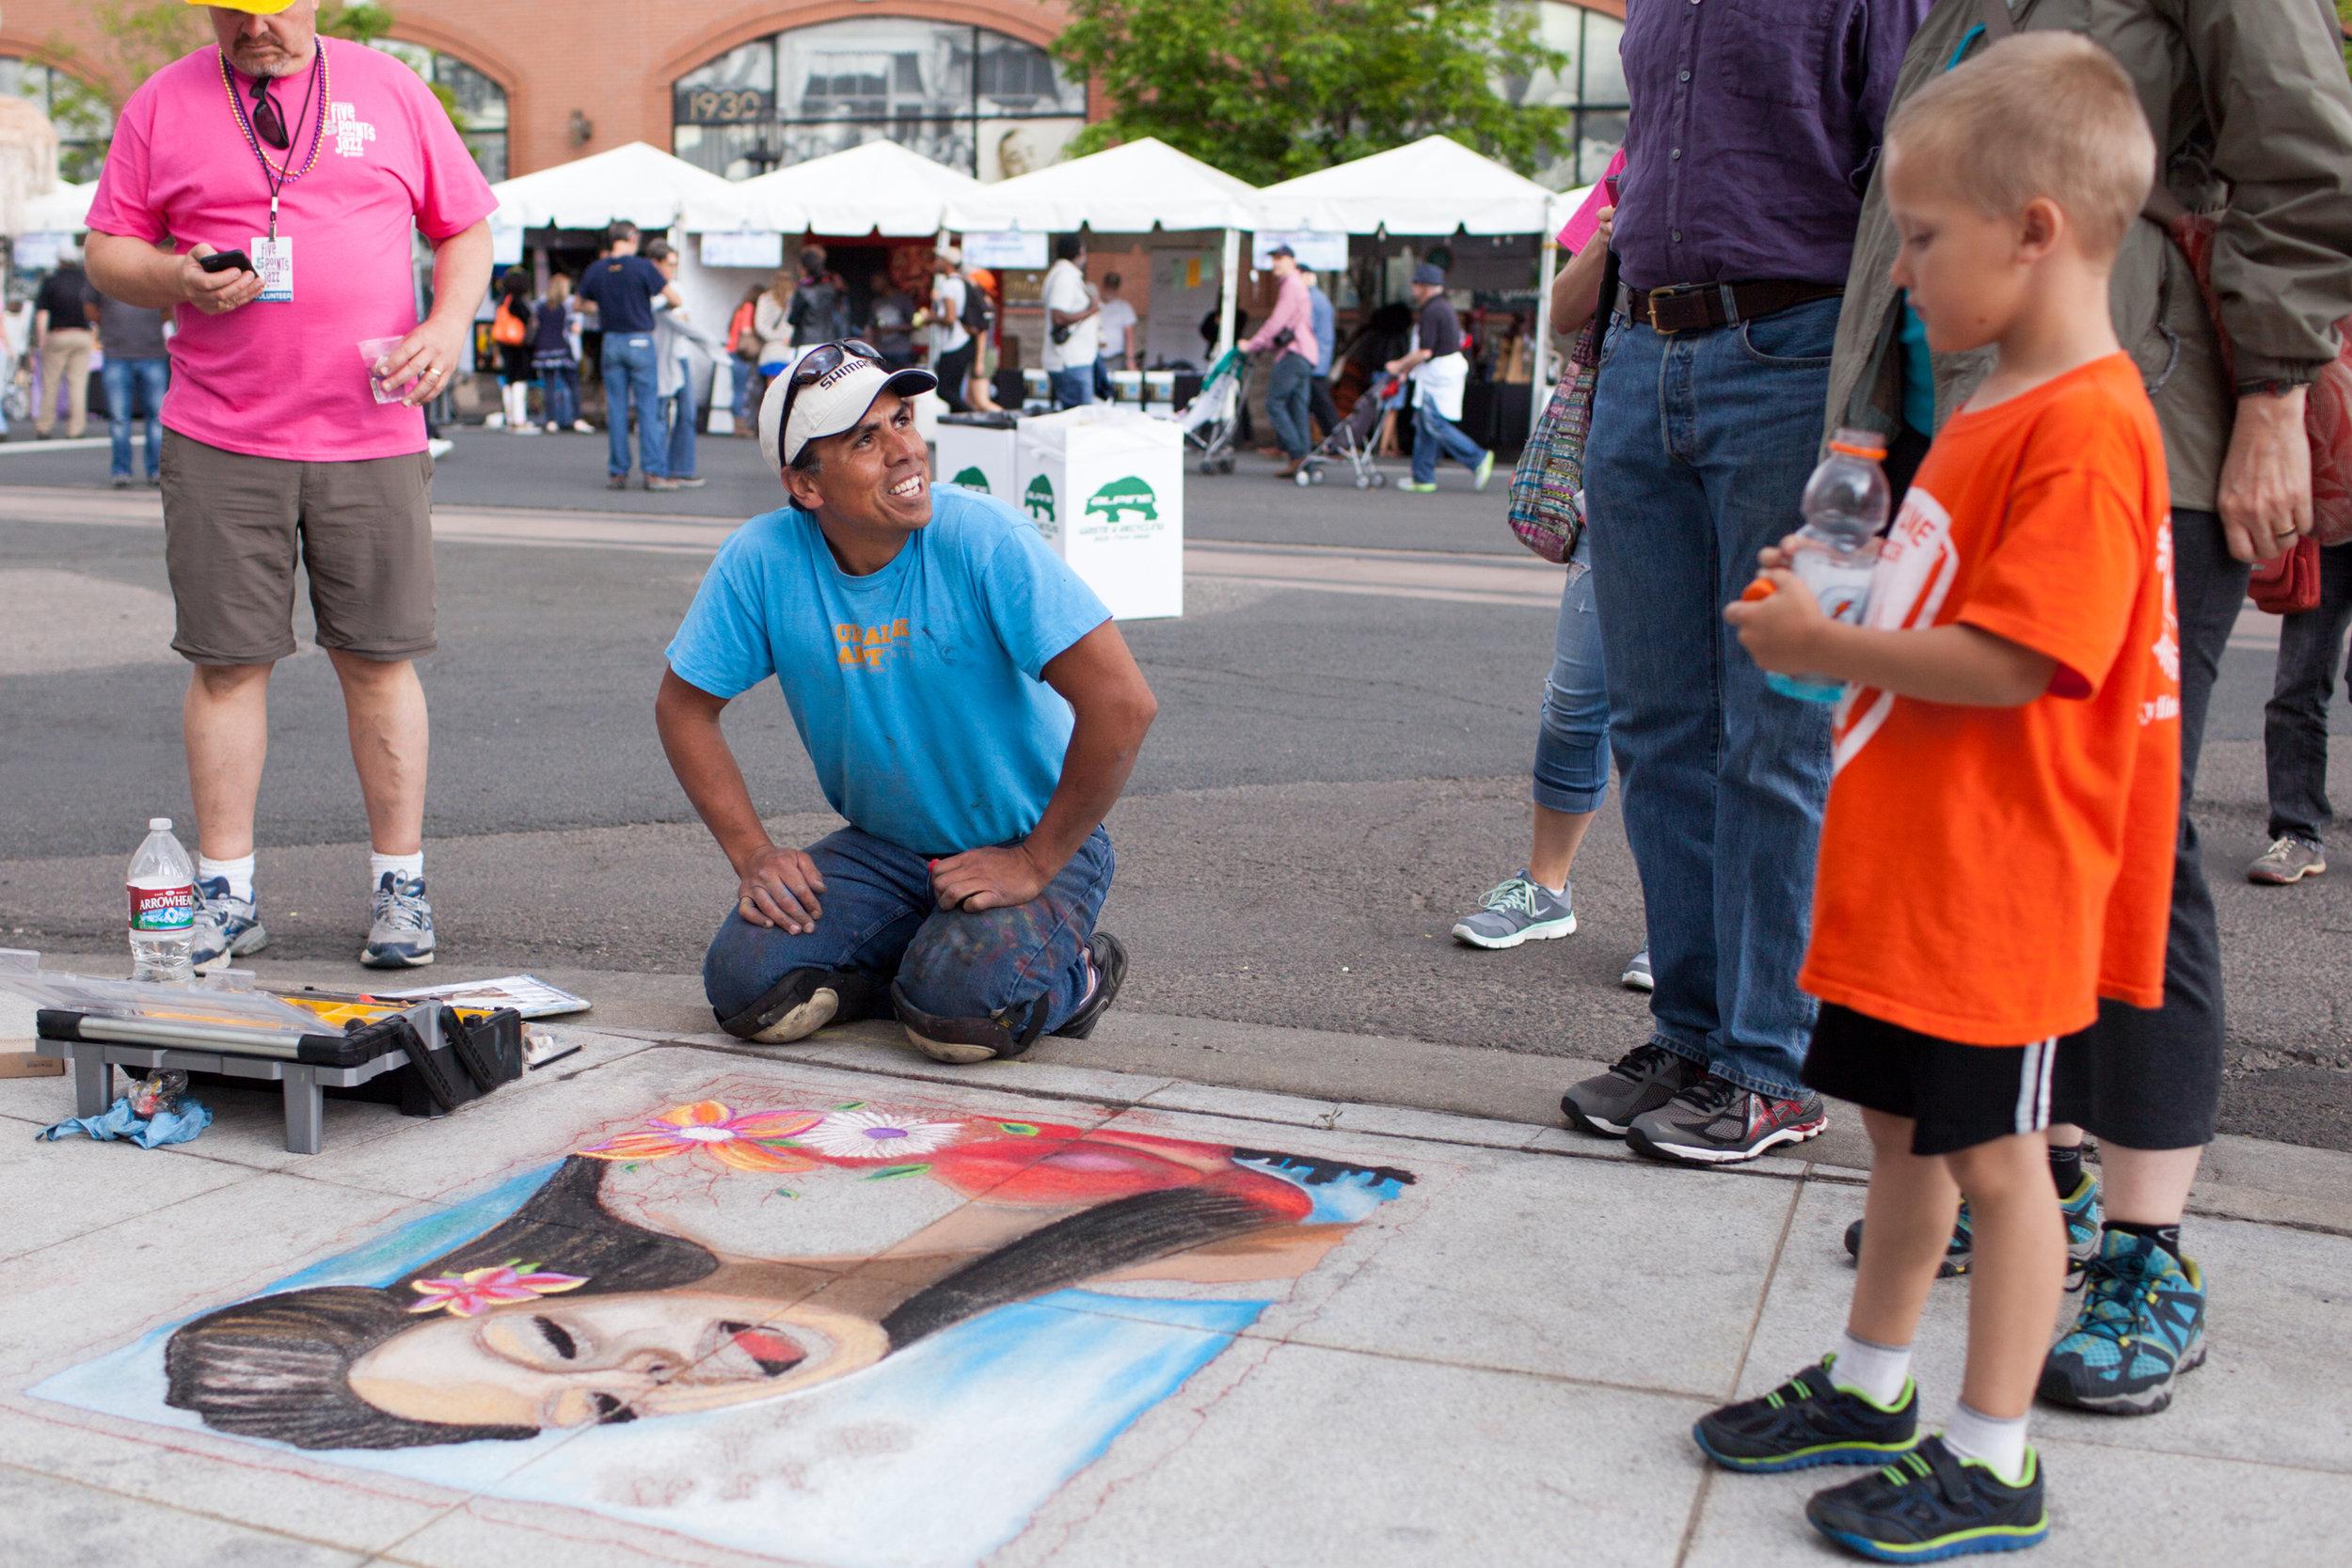 Jazz_Festival_chalk_artist_and_spectators.jpg